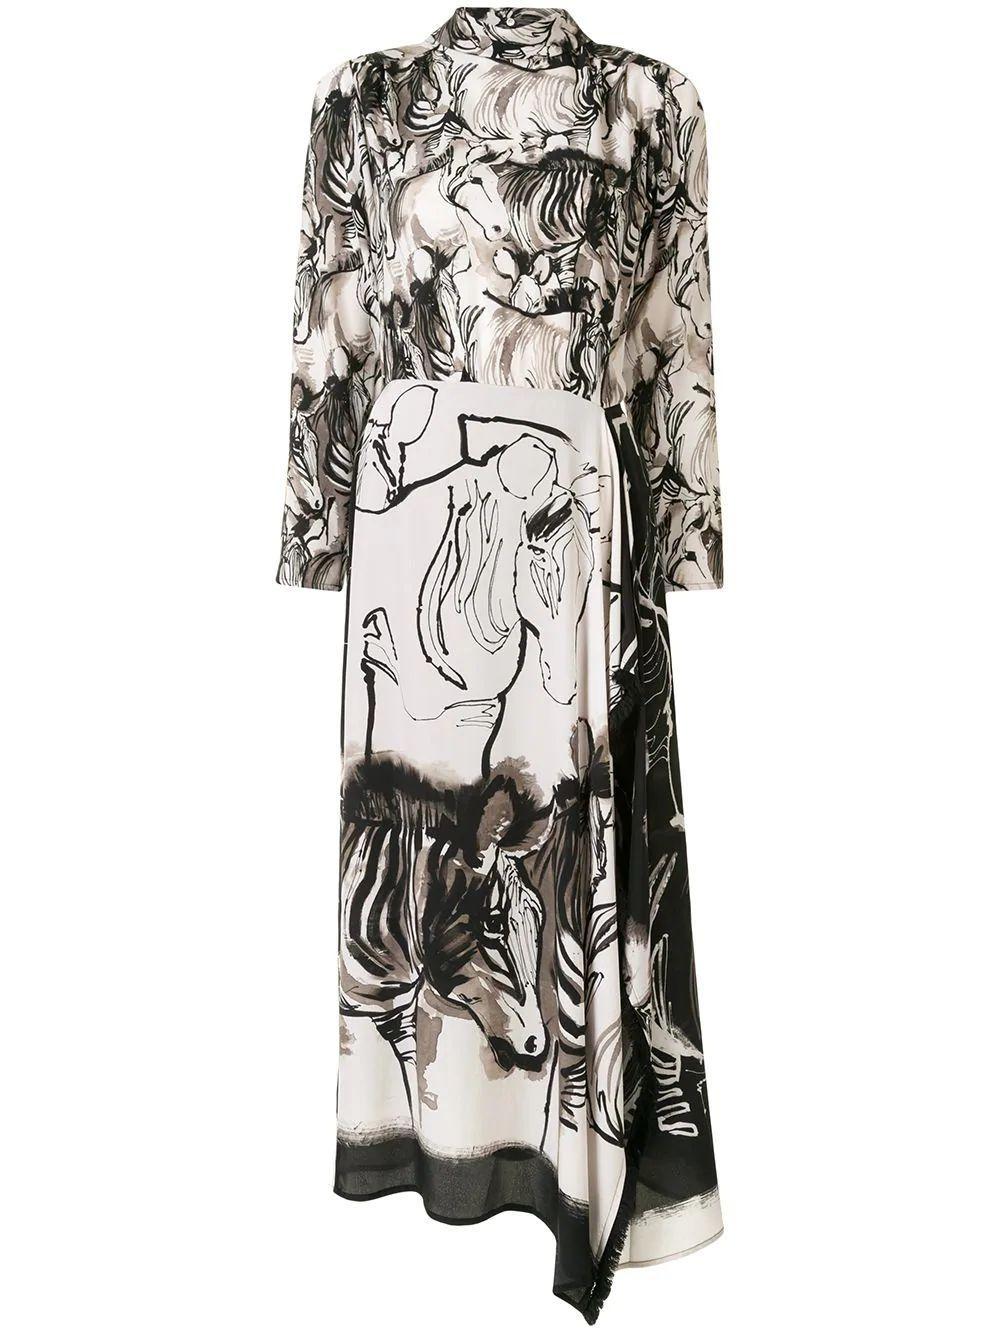 Zebra Long Dress Item # 9LEORA87